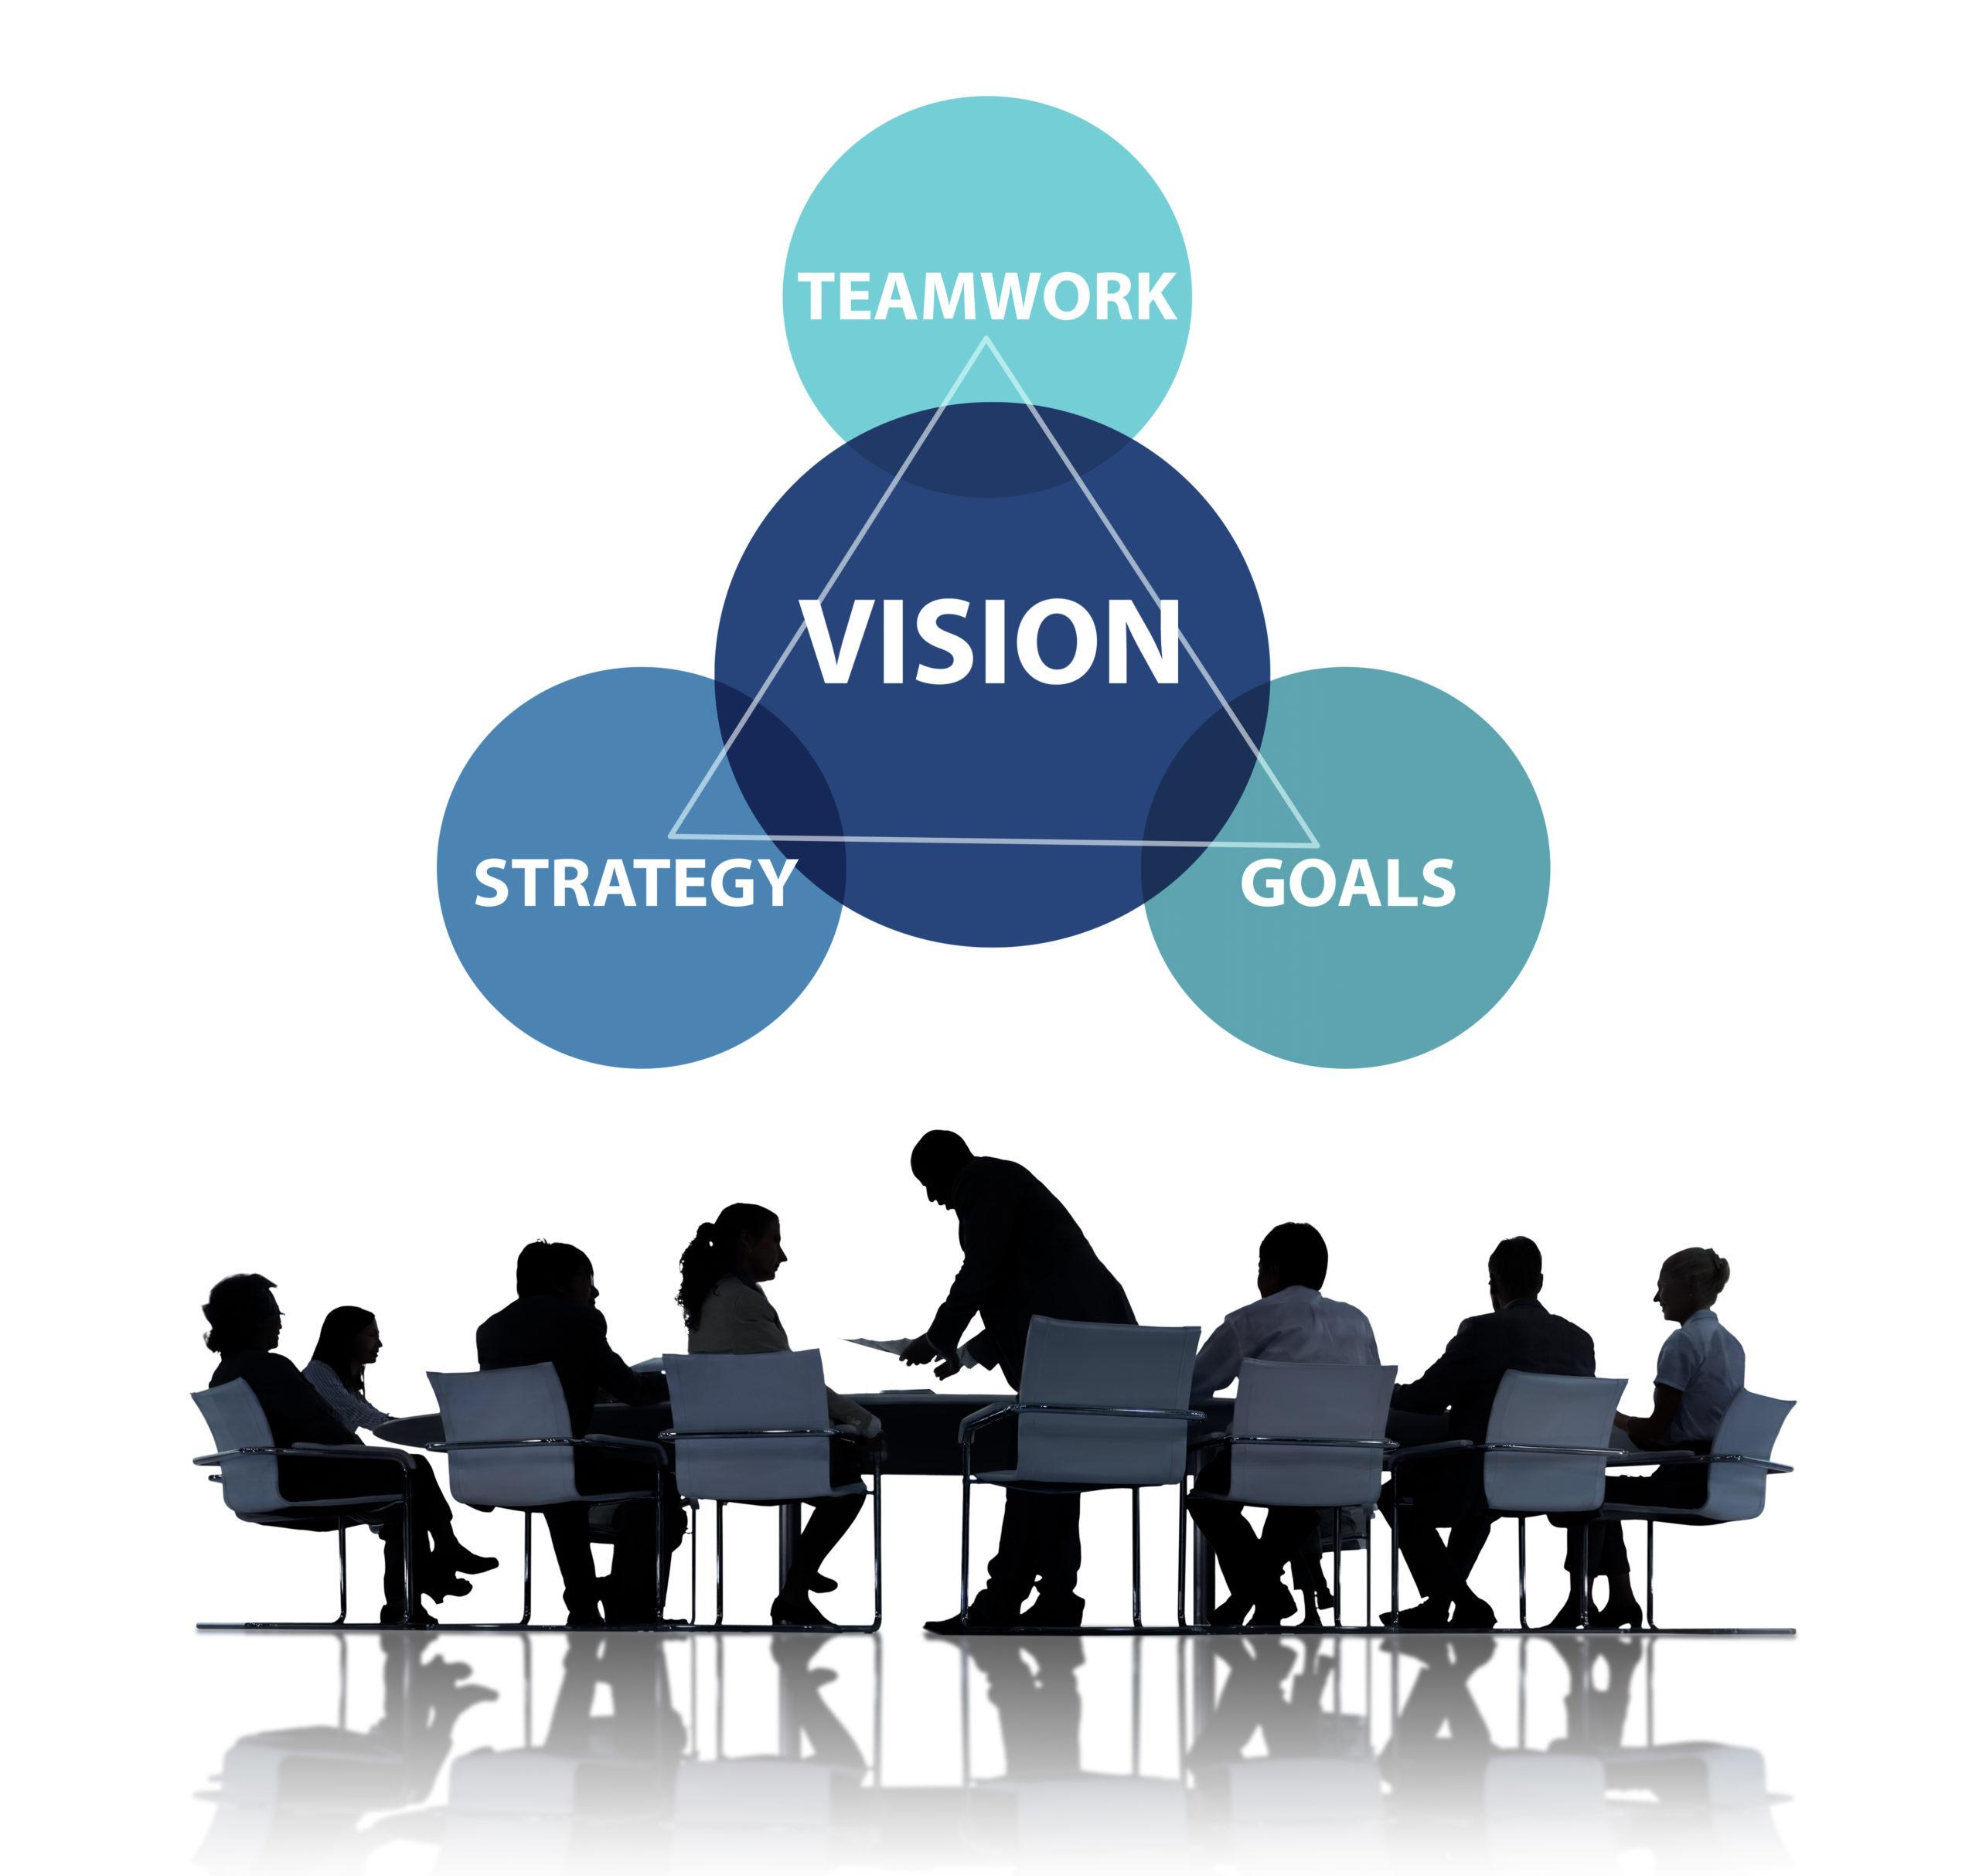 La vision se trouve au centre de la stratégie, du travail d'équipe et des objectifs de l'entreprise.